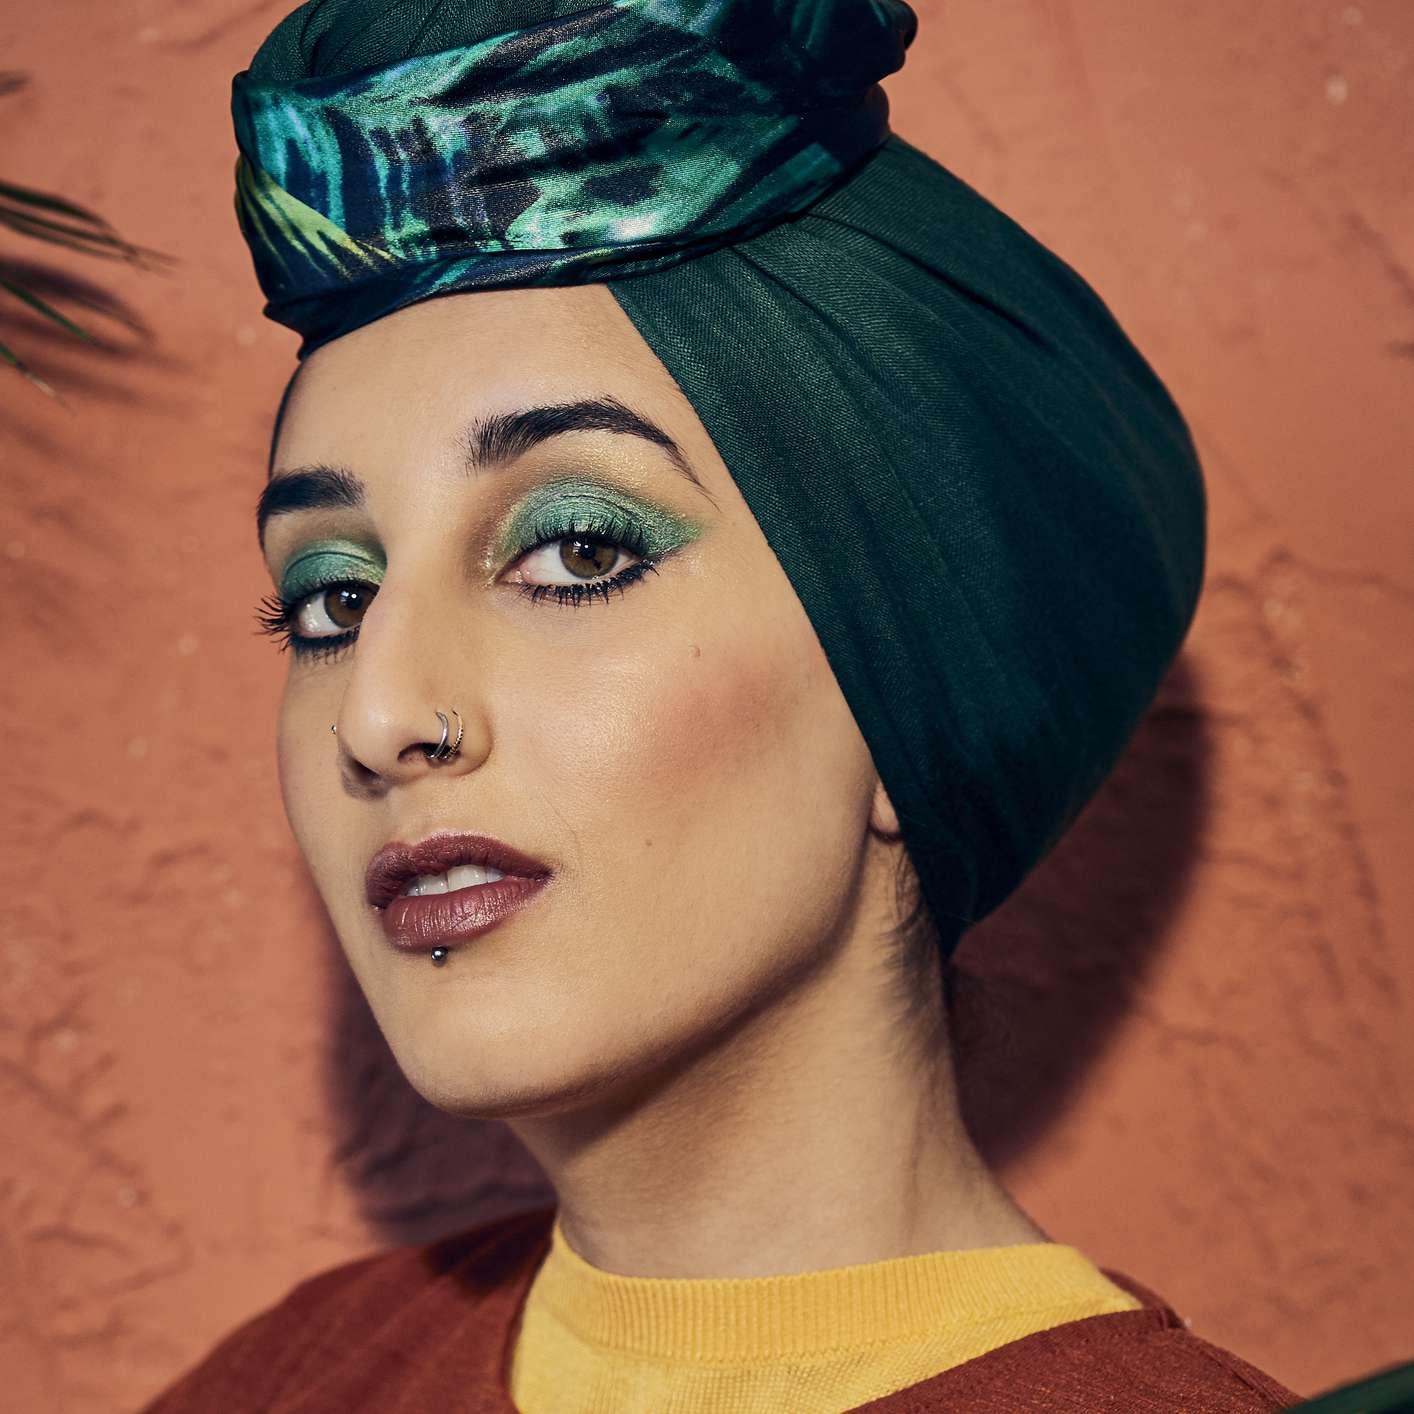 Woman in a green hijab